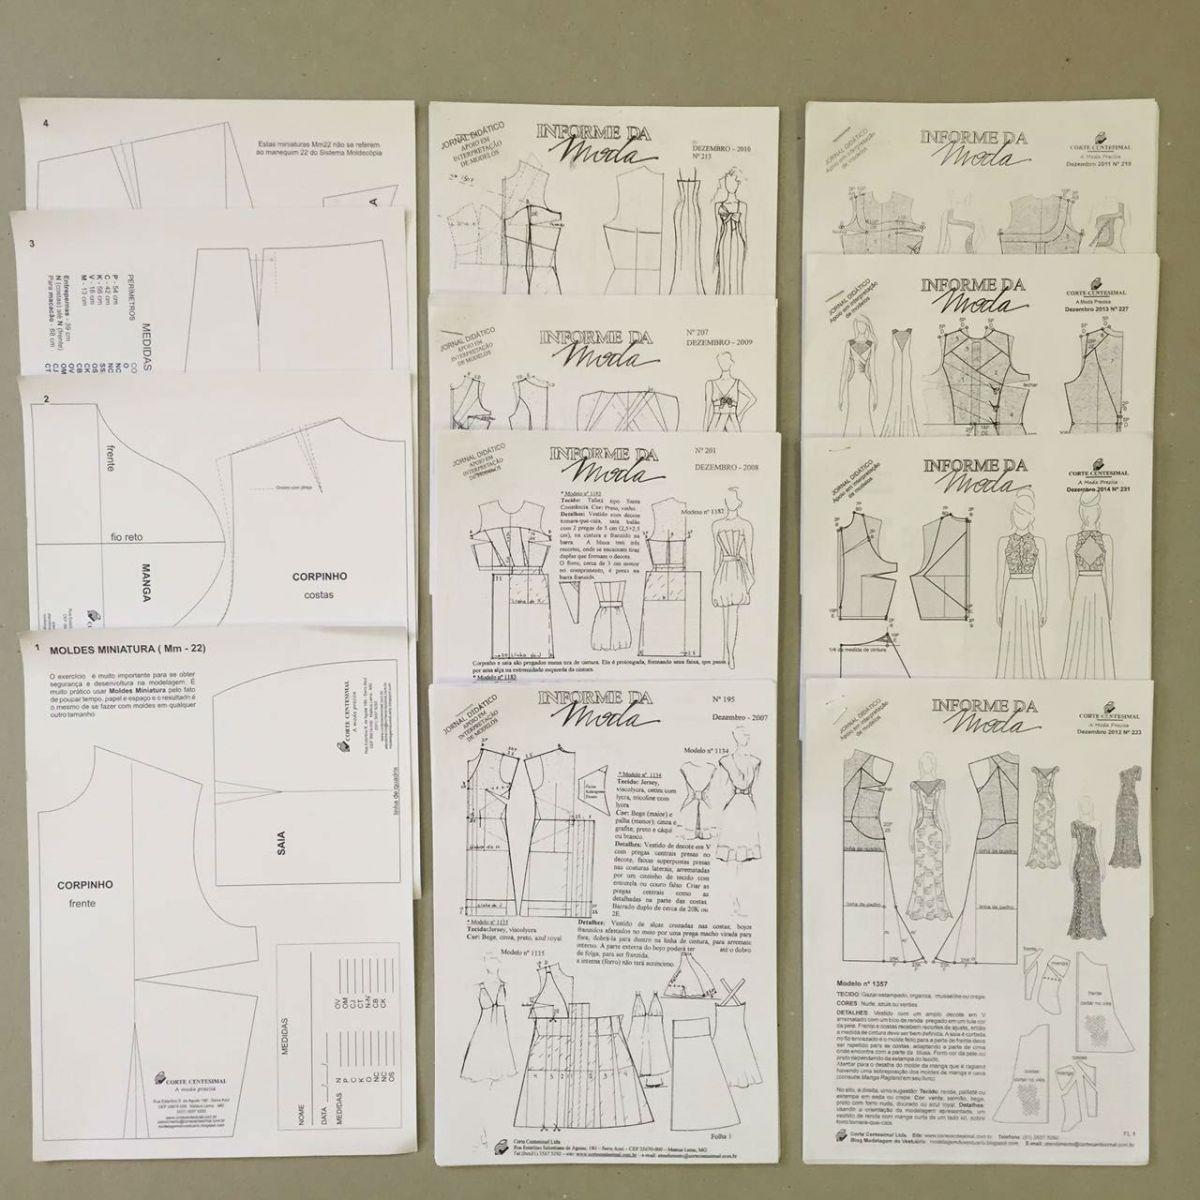 Informe da Moda (190 ao 231)  - Corte Centesimal